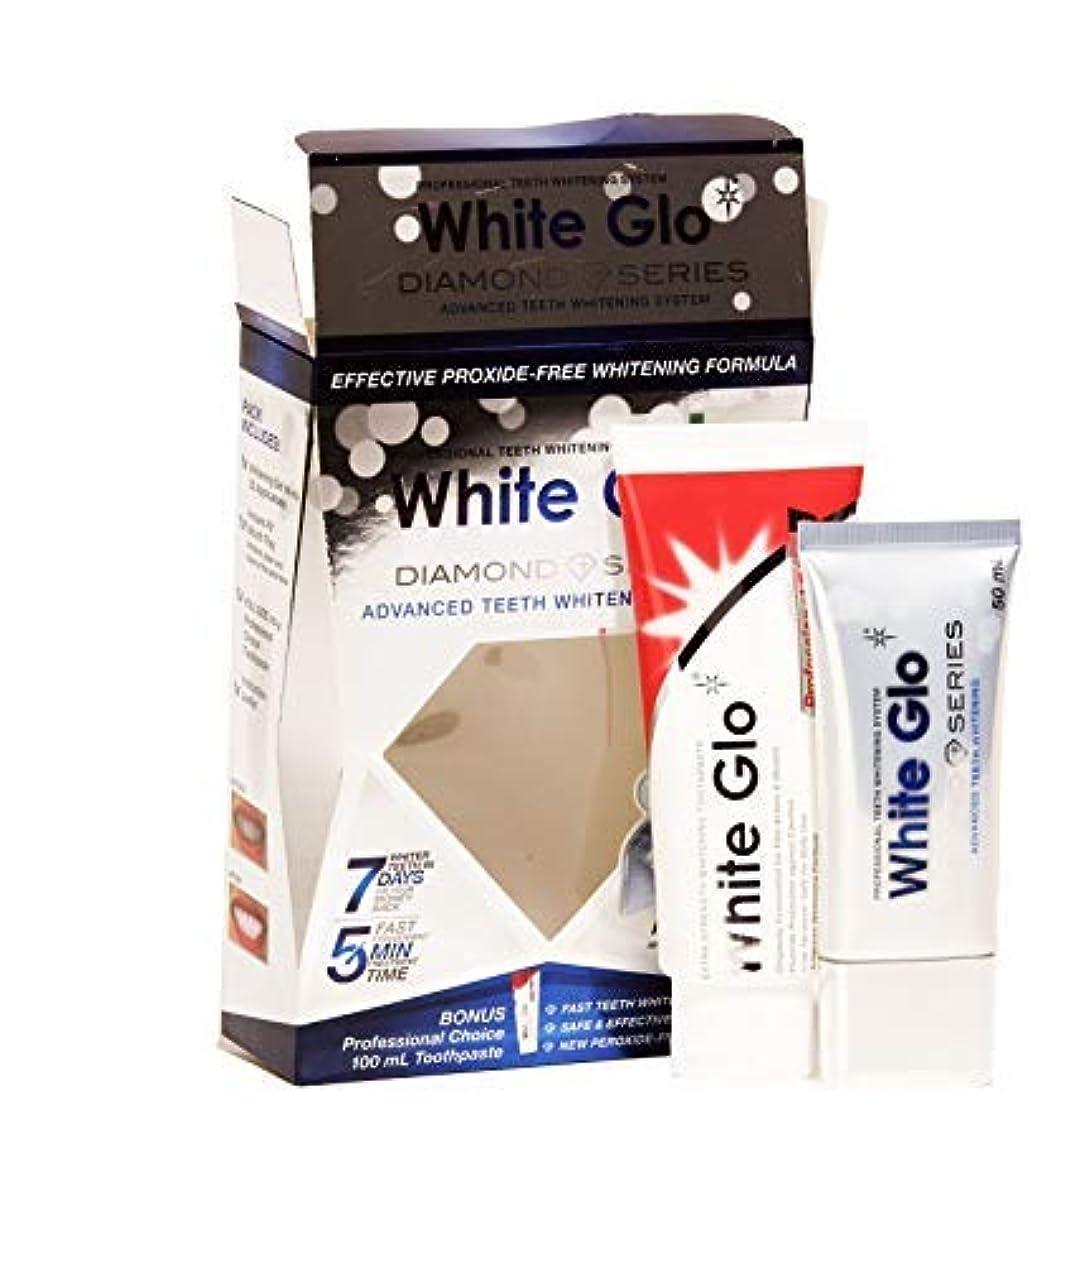 良い絶壁ルーTeeth Whitening Systems White Glo White Glo Diamond Series Bleaching Set Gel & Paste 50ml + 100ml Australia / 歯ホワイトニングシステムホワイトグロホワイトグロダイヤモンドシリーズ漂白セットジェル&ペースト50ml + 100mlオーストラリア